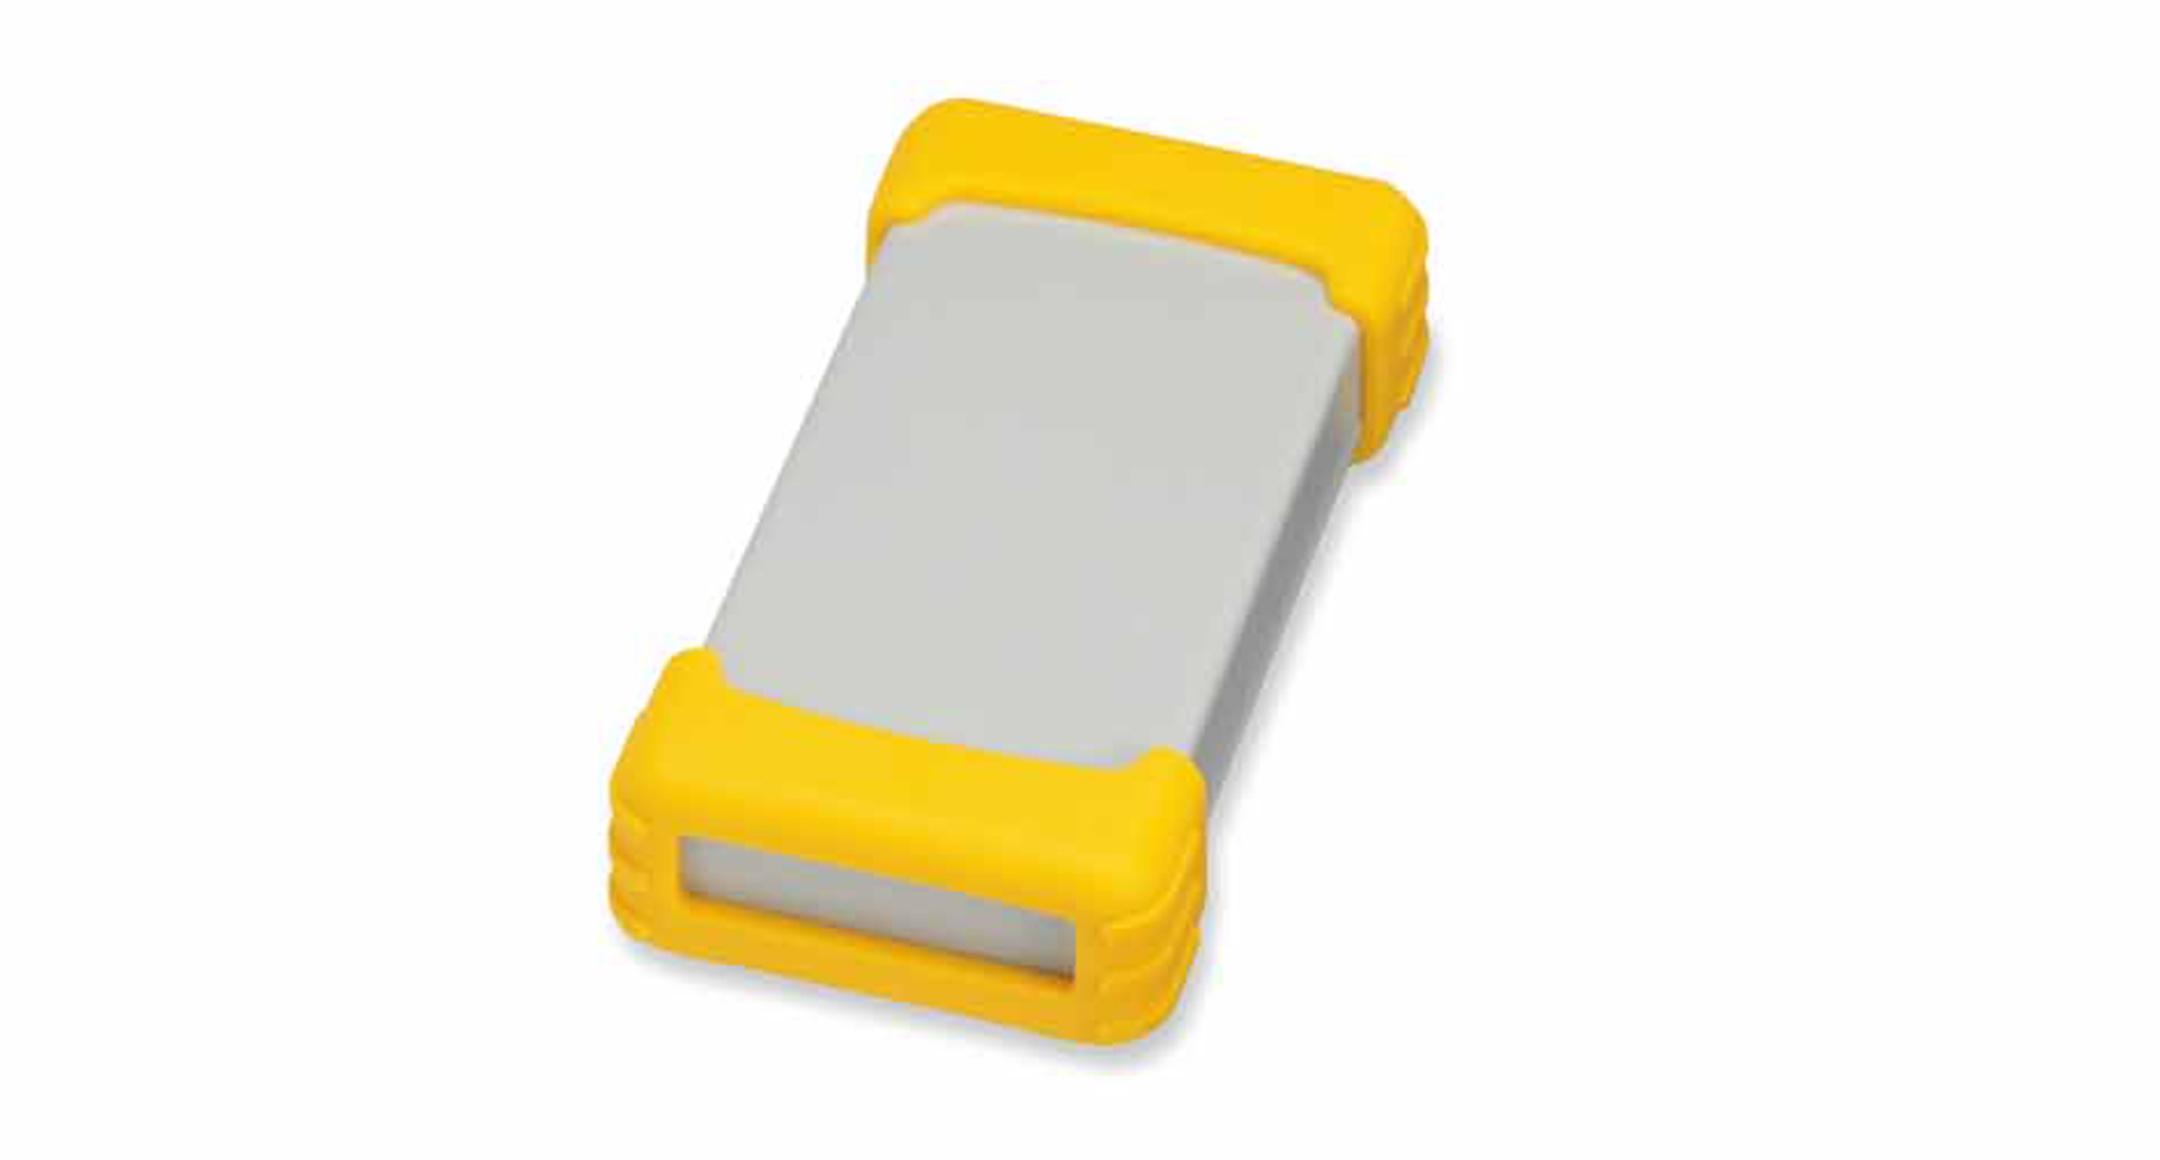 シリコンプロテクター付プラスチックケース TWSシリーズ:ライトグレー/イエローの画像